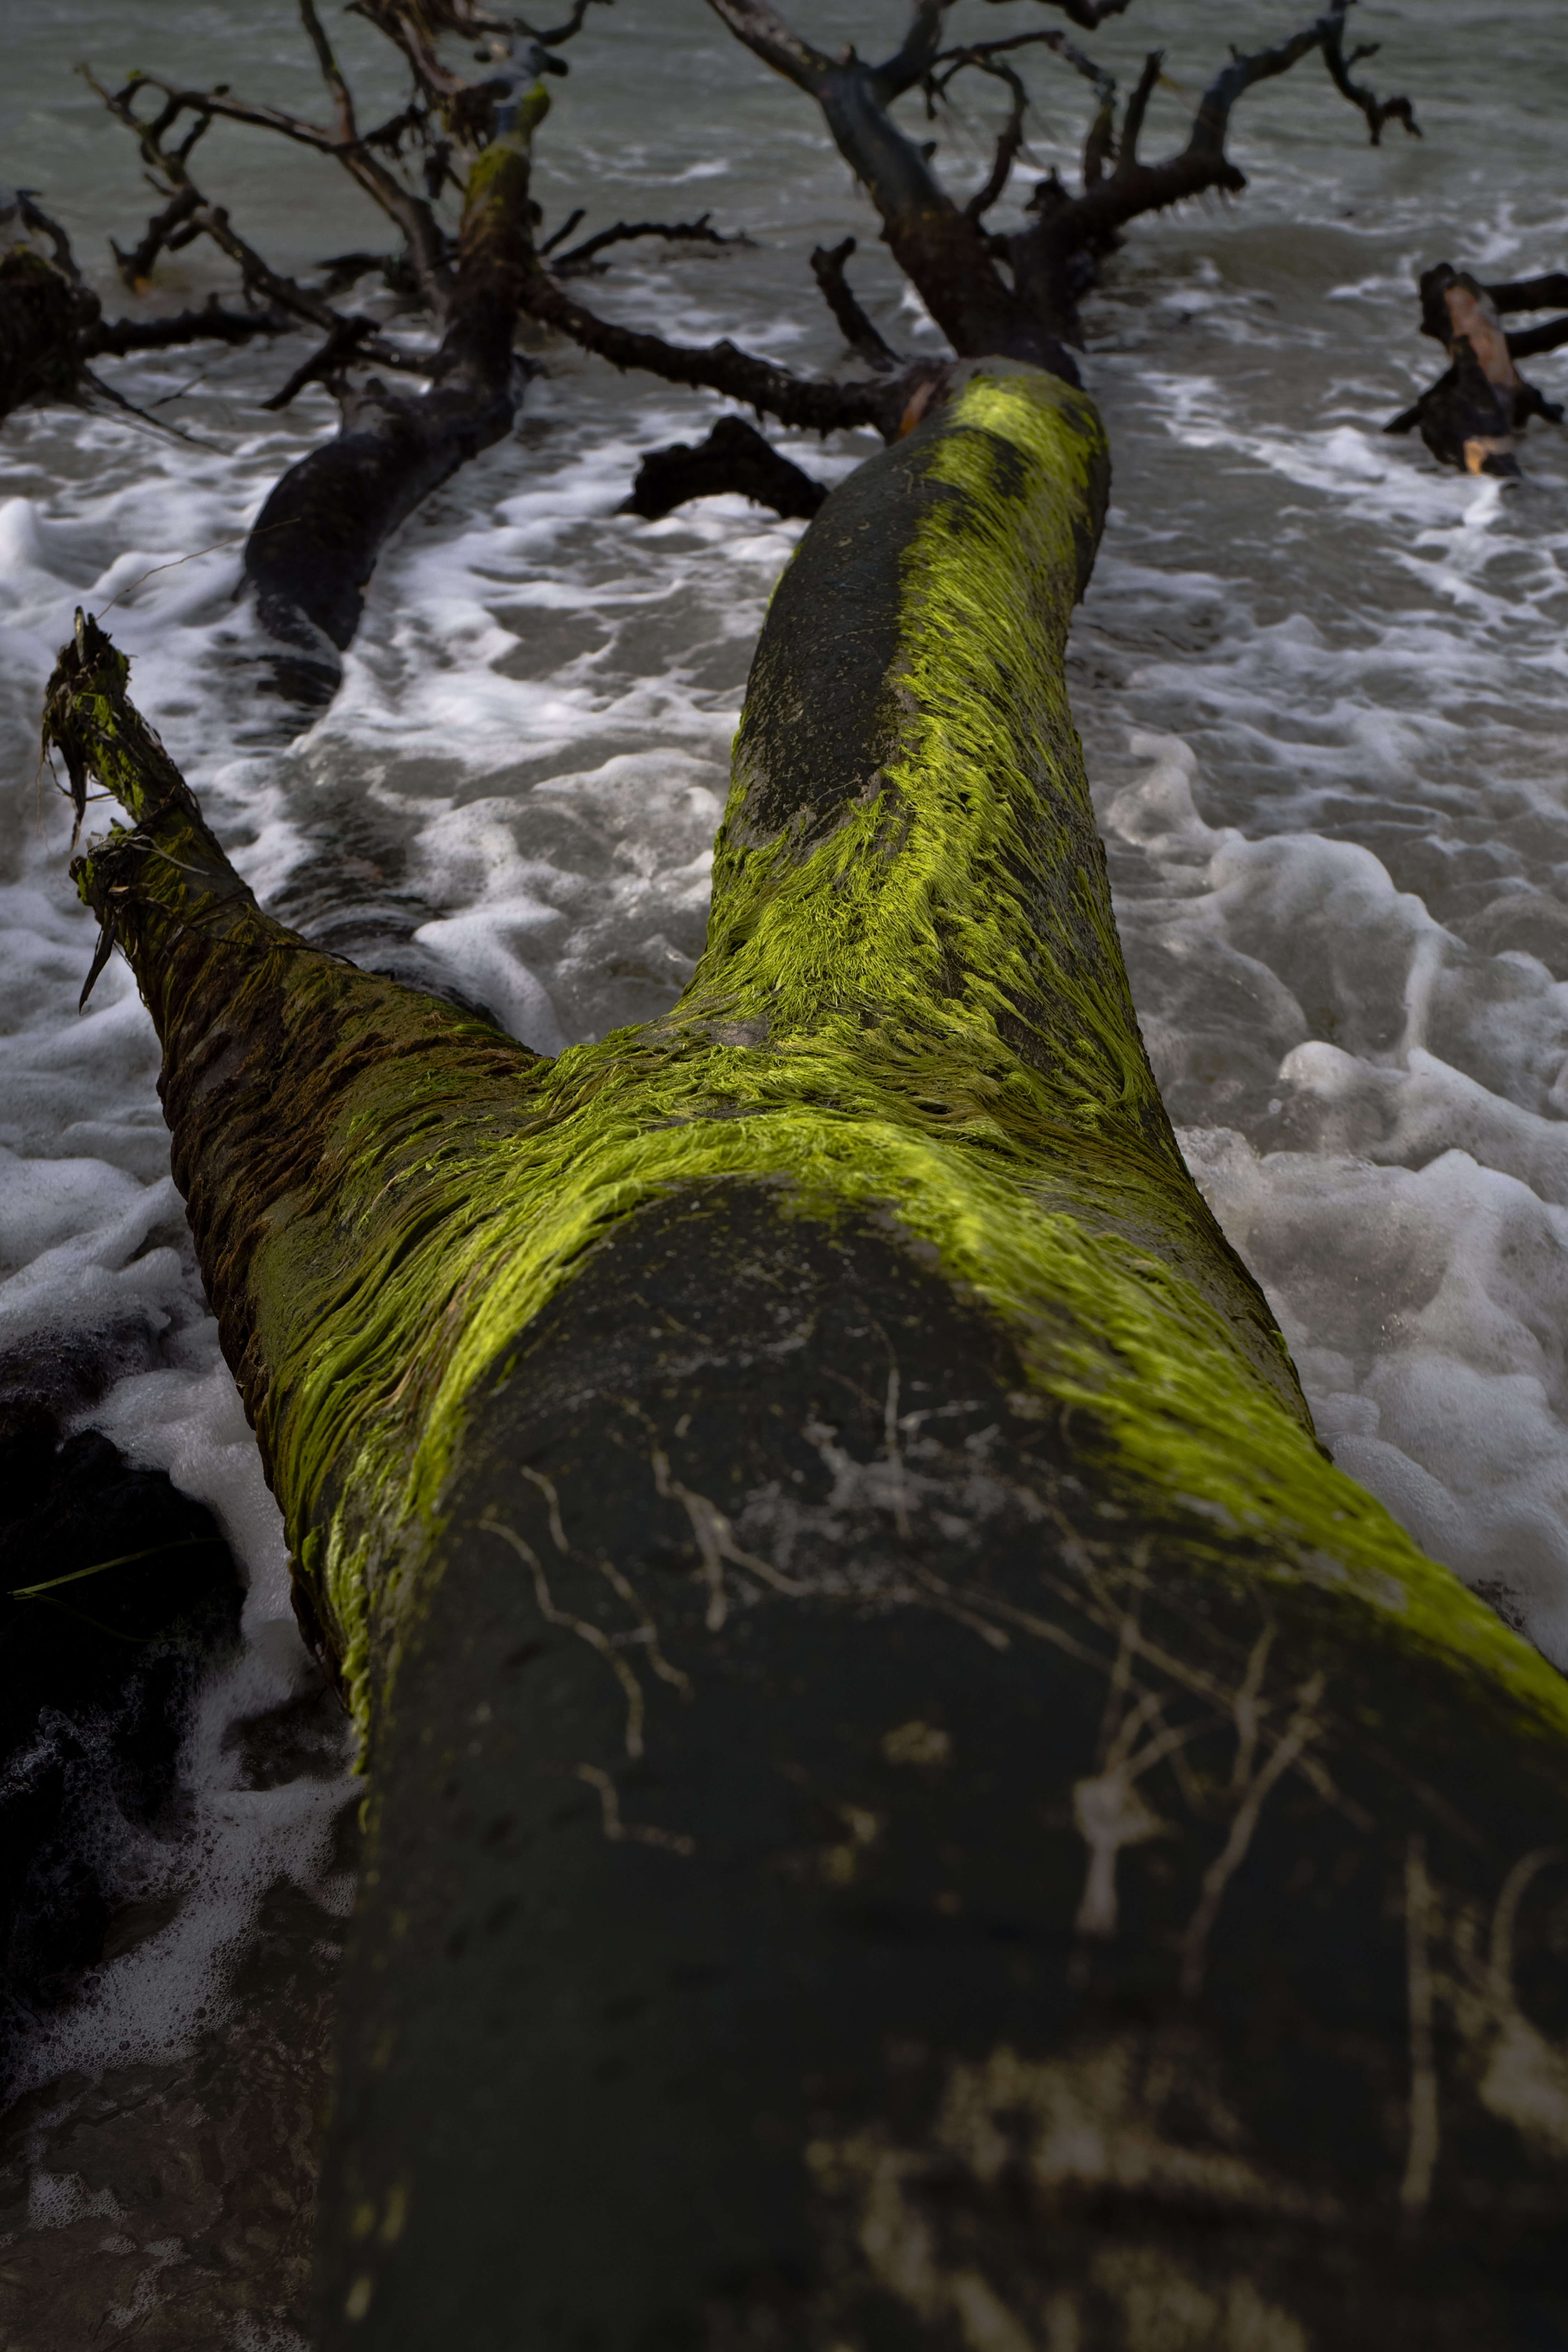 Torso eines Riesen im Wasser ©Johannes Ratermann